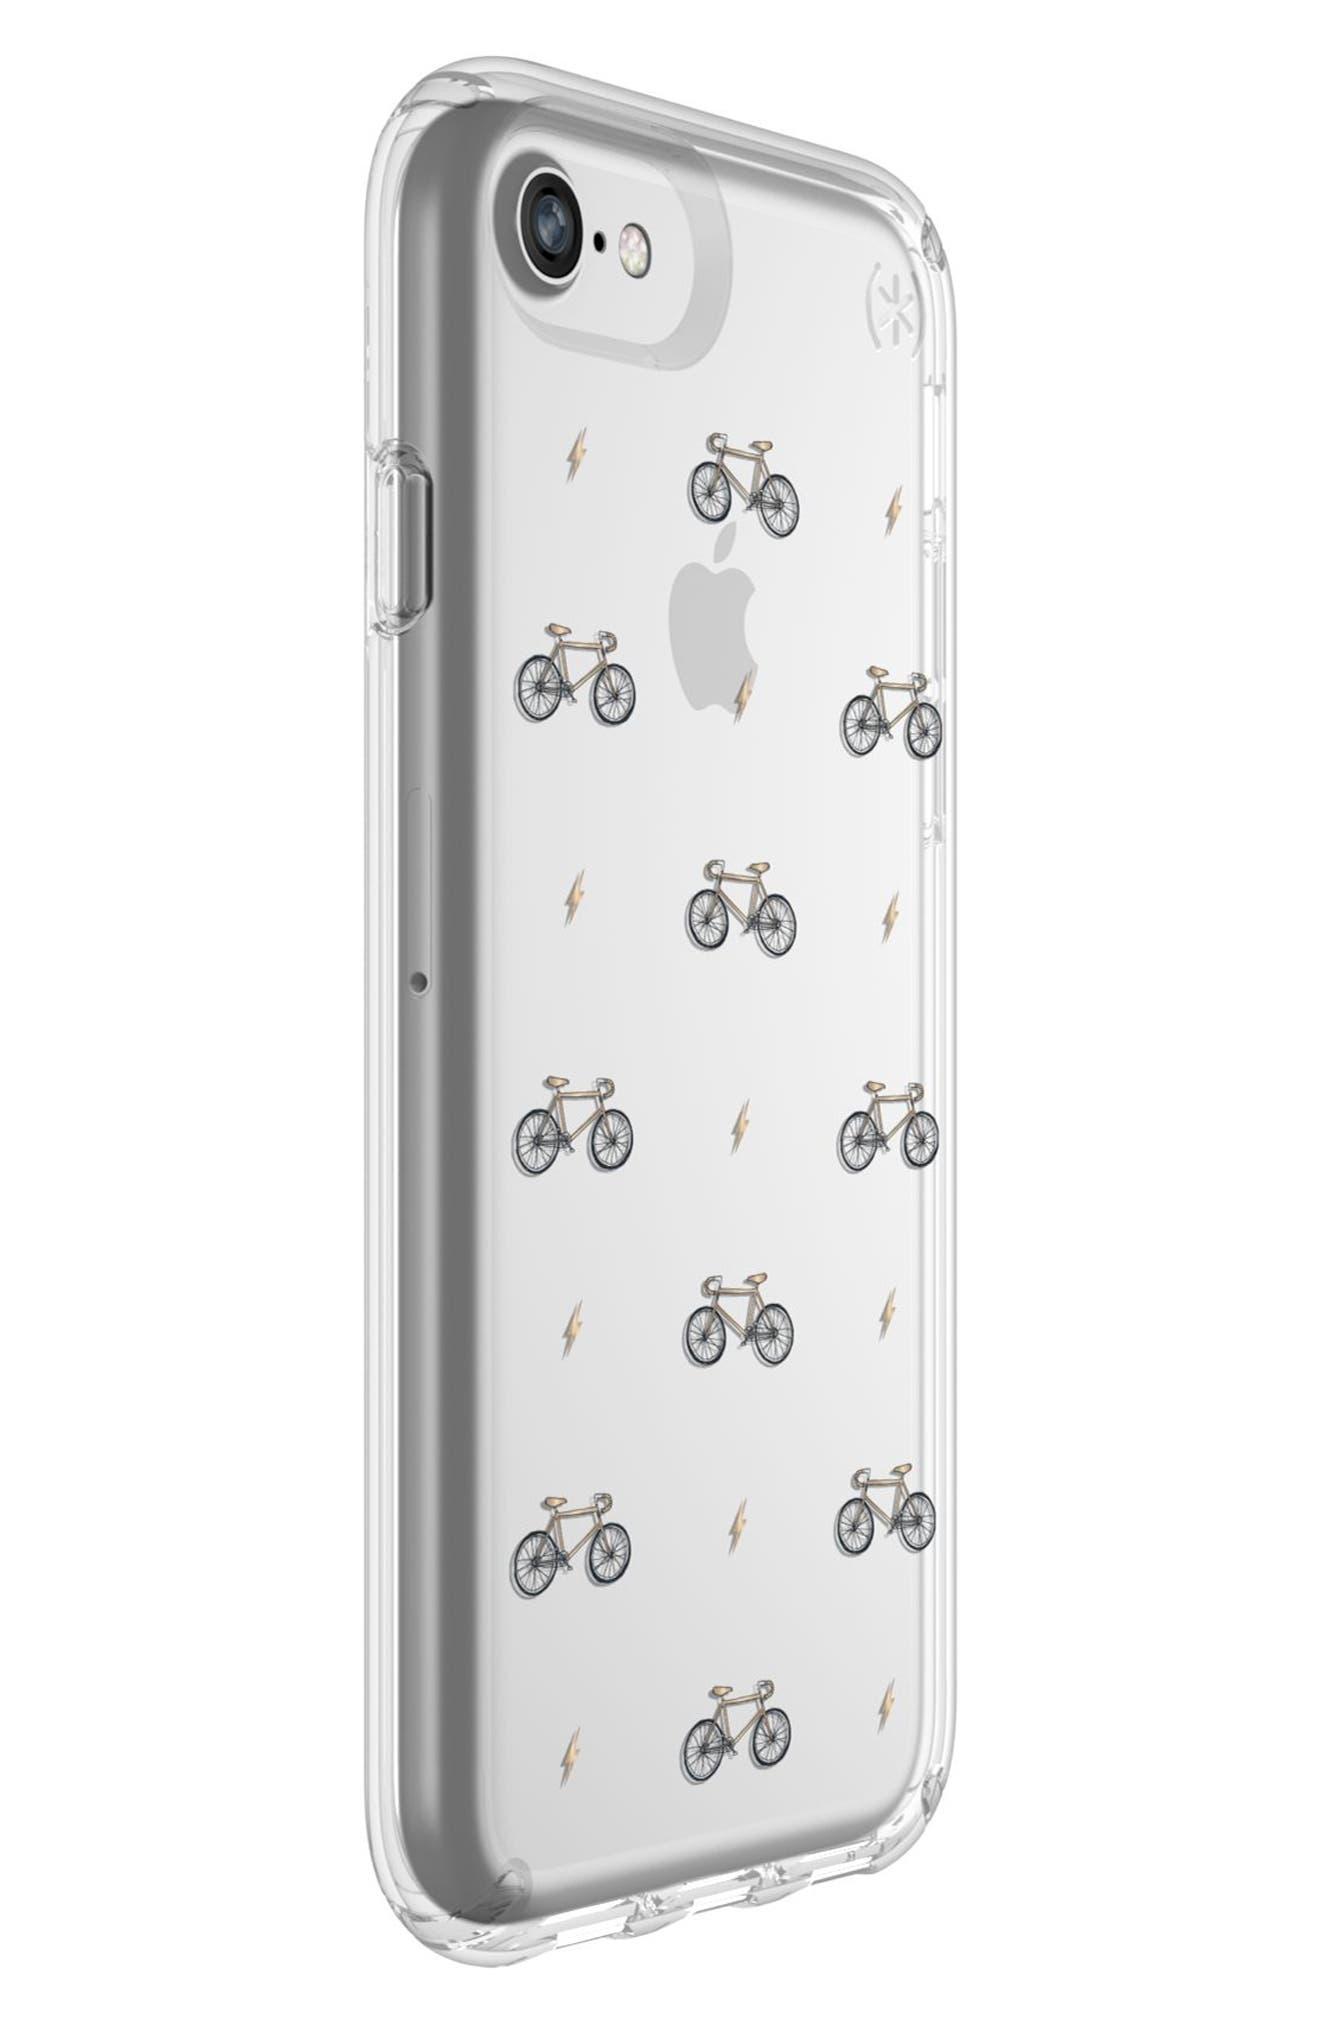 Transparent Bikes & Bolts iPhone 6/6s/7/8 Case,                             Alternate thumbnail 7, color,                             798